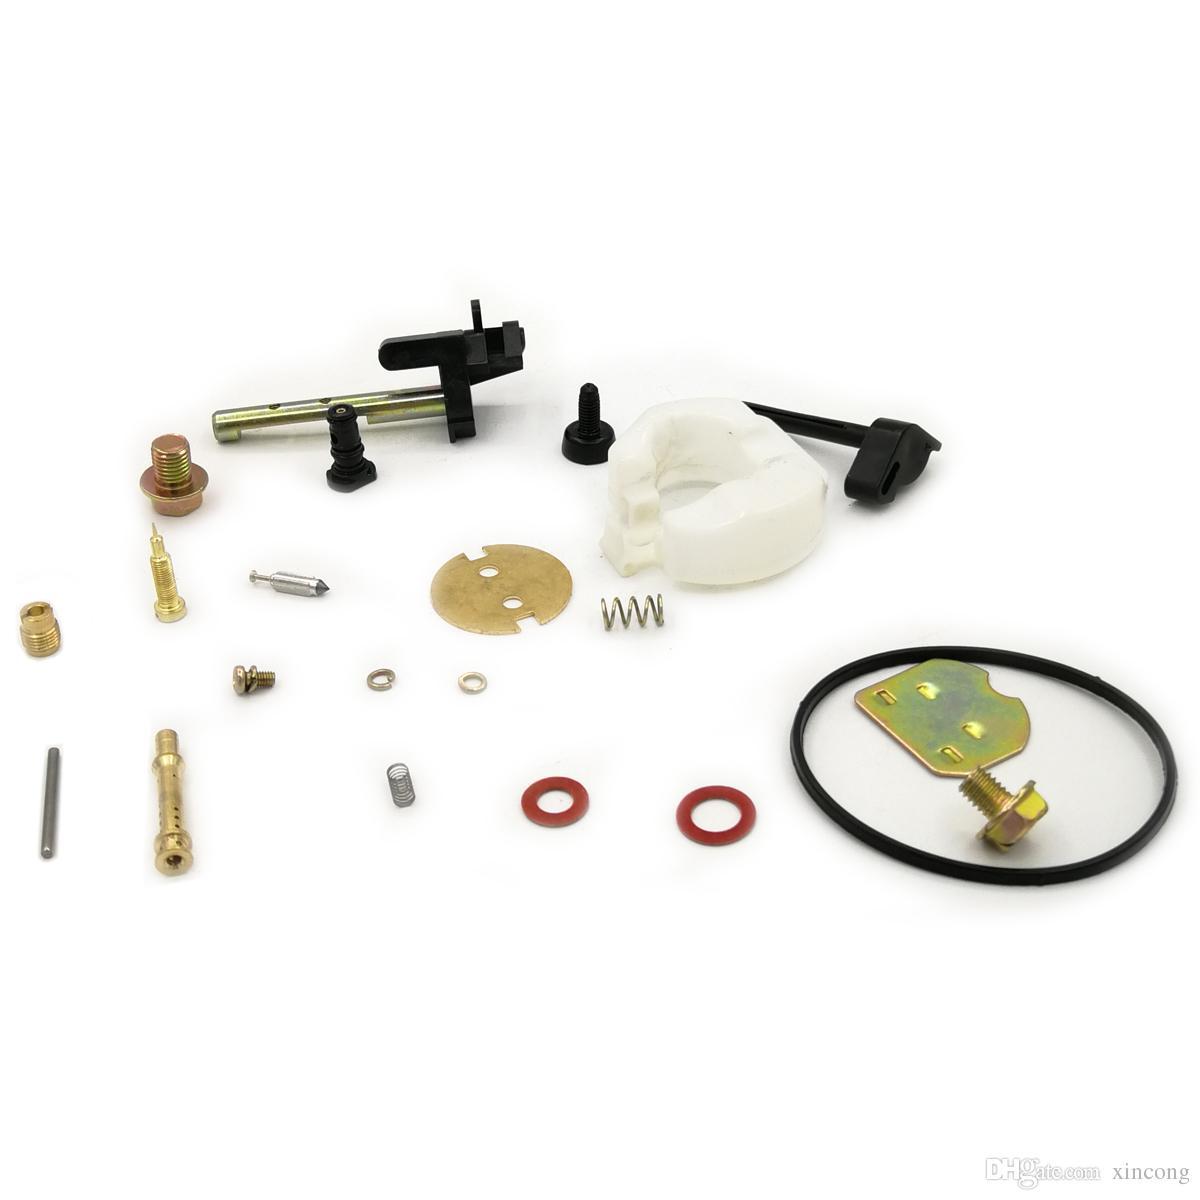 2018 Carburetor Repair Kit For HONDA GX120 GX160 GX200 GX390 188F 168F  5.5HP 6.5HP 13HP 4 Stroke Engine Water Pump Lawn Mower Generator Parts From  Xincong, ...